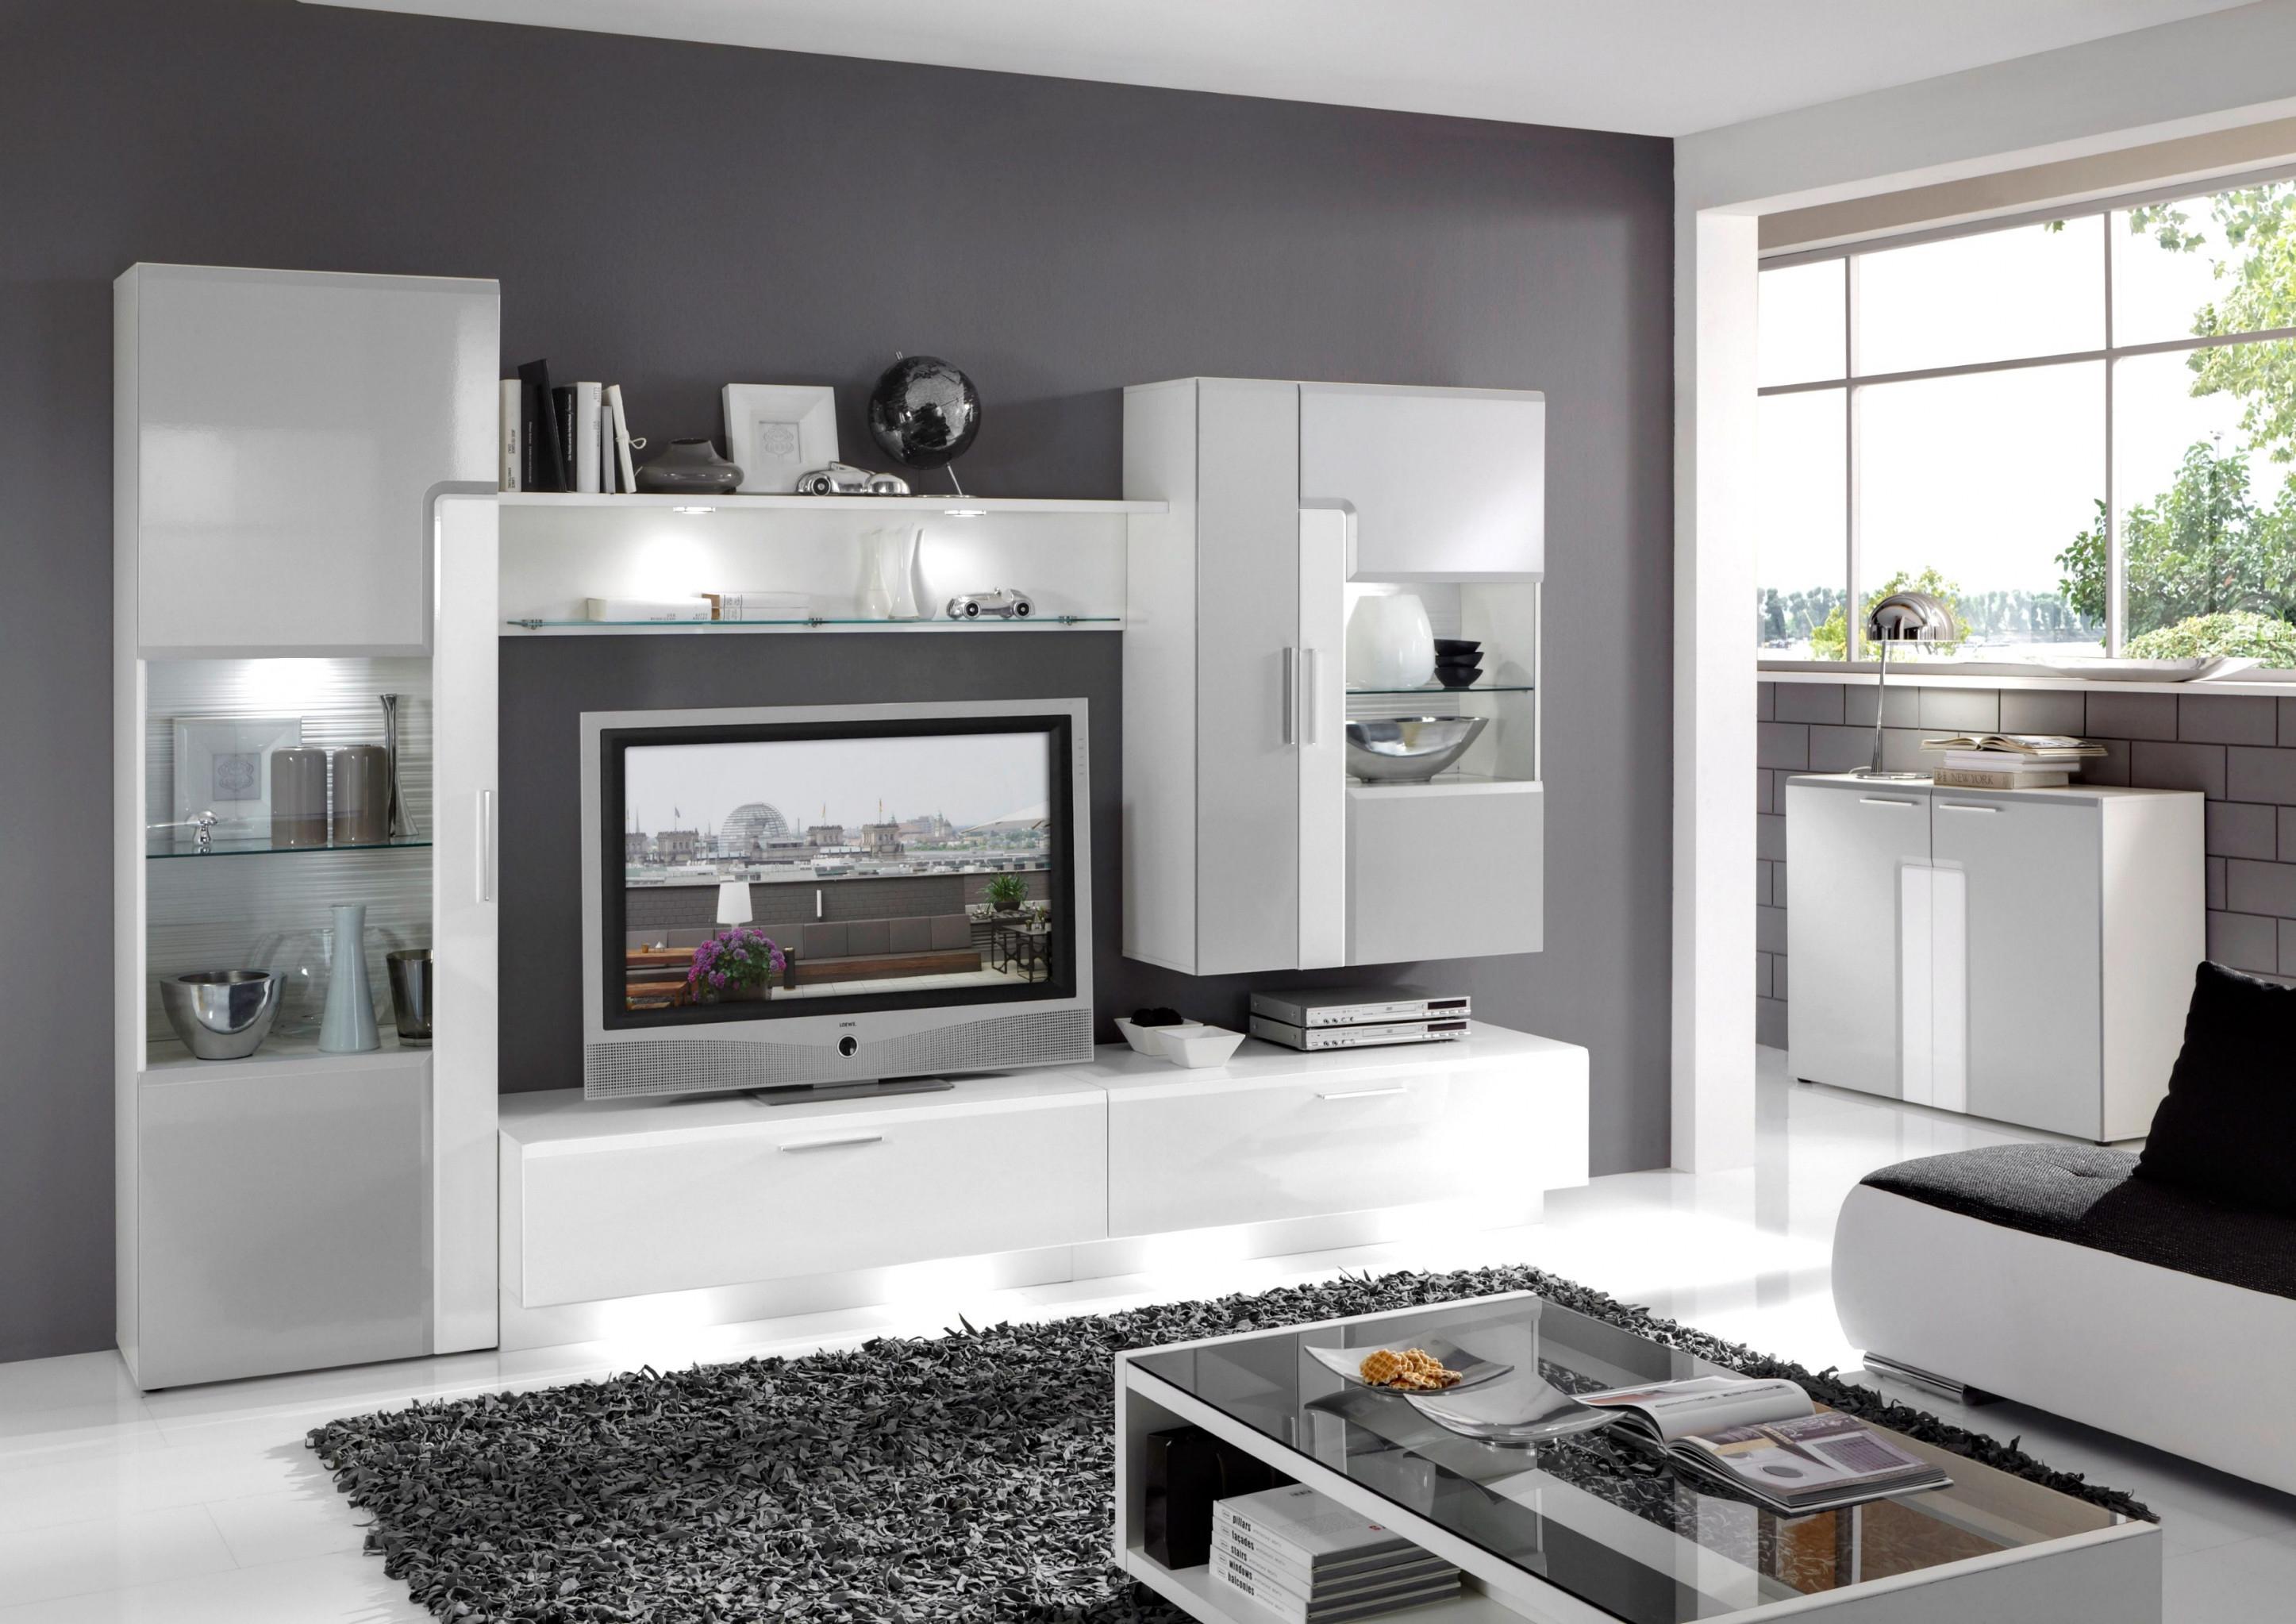 Wohnzimmer Ideen Weiss Grau  Wohnzimmer Weiß Wohnzimmer von Wohnzimmer Gestalten Grau Weiss Bild